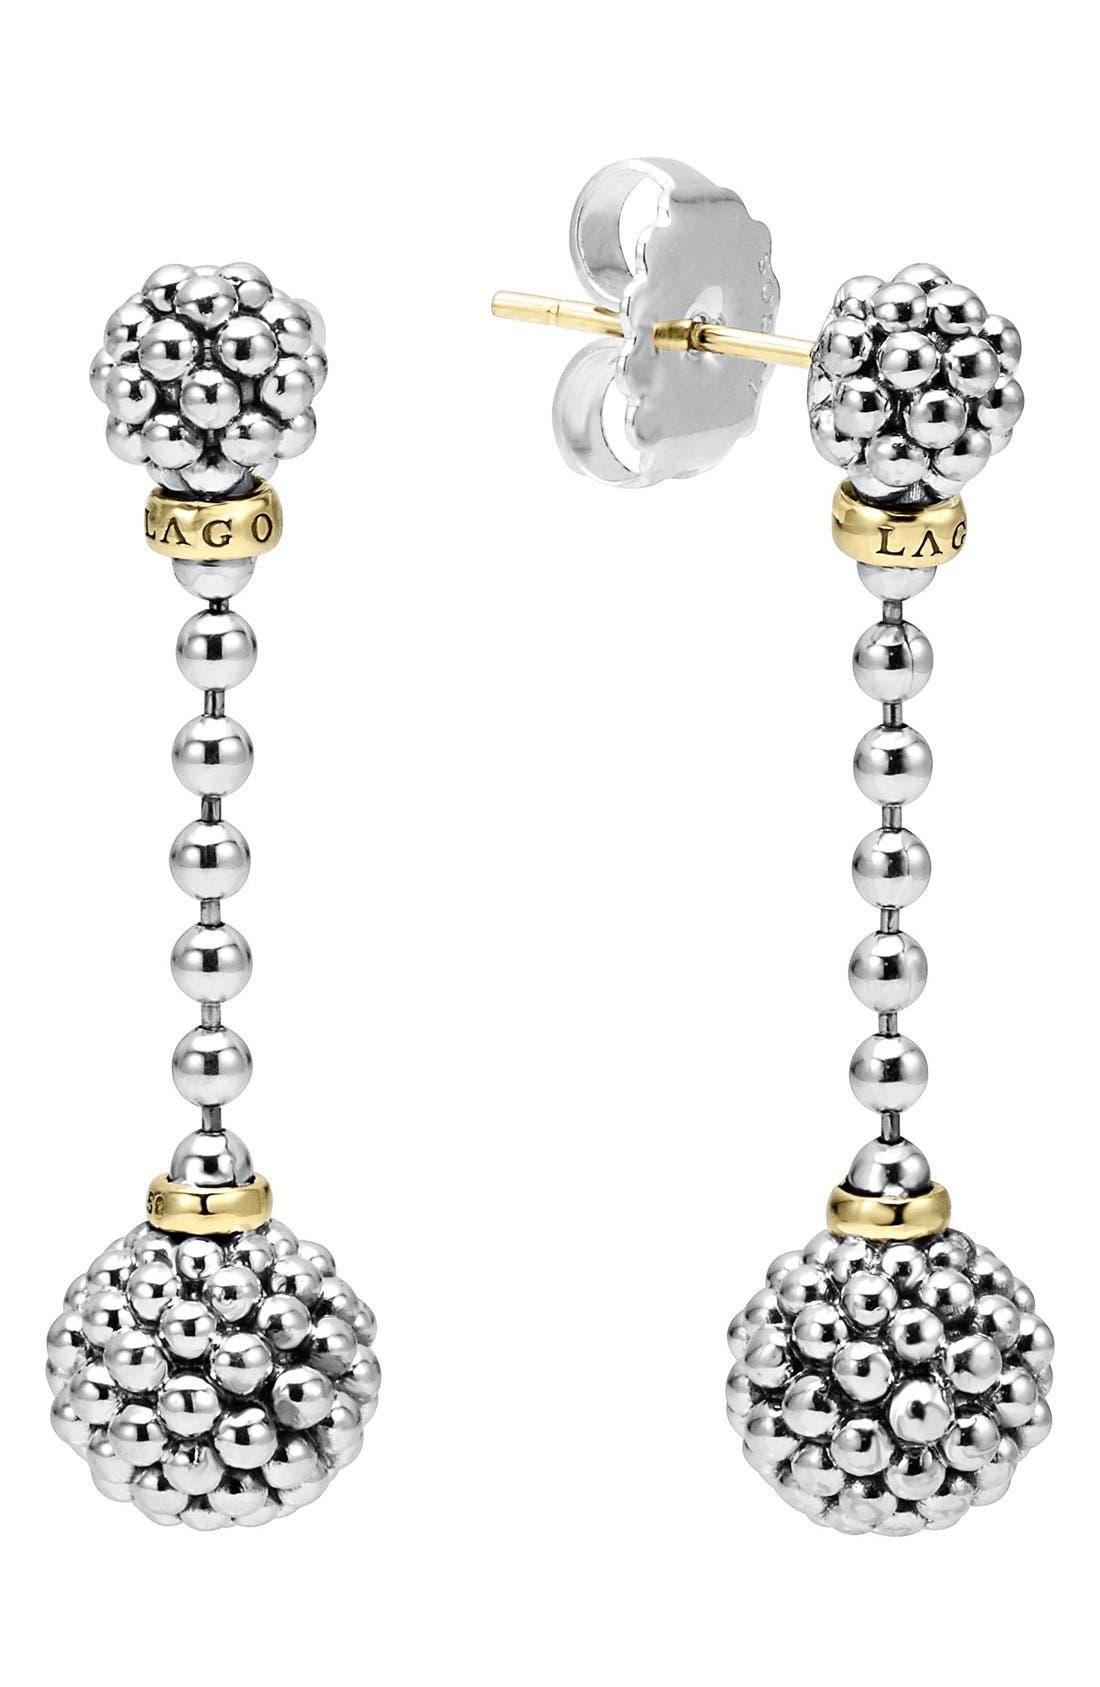 LAGOS Caviar Lattice Ball Drop Earrings